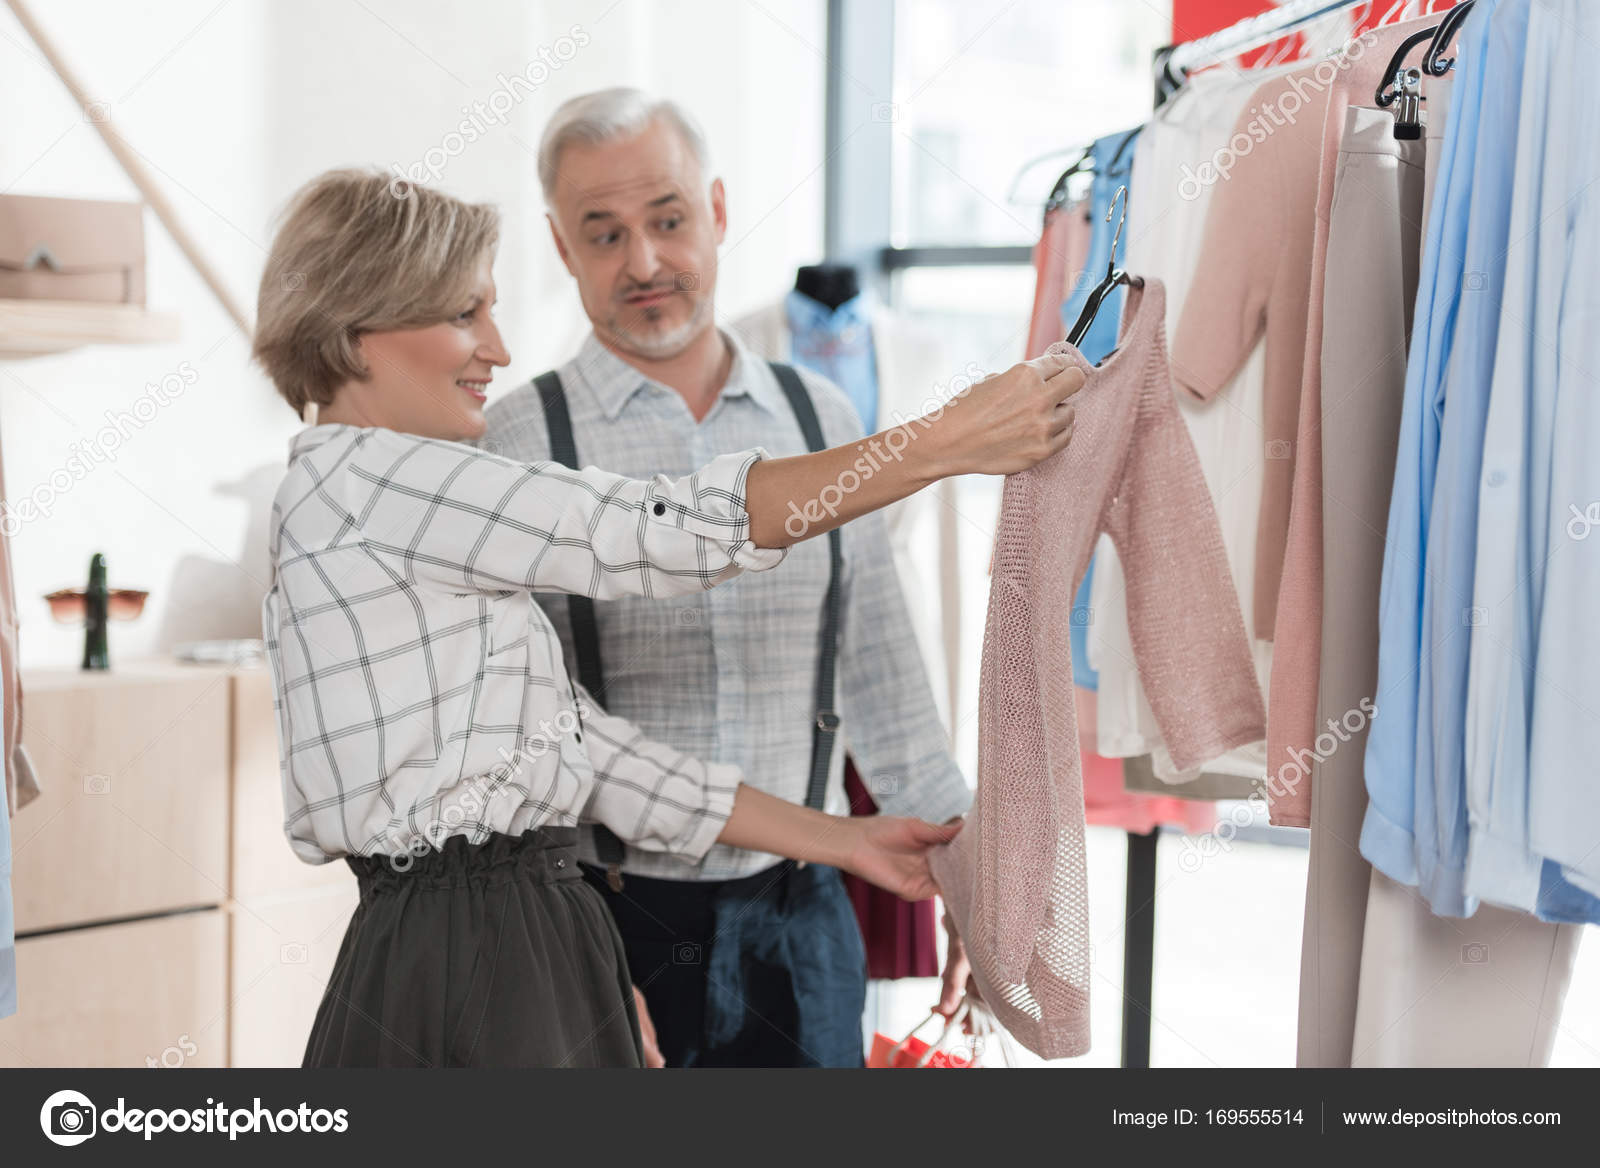 Hangers mature Meet The